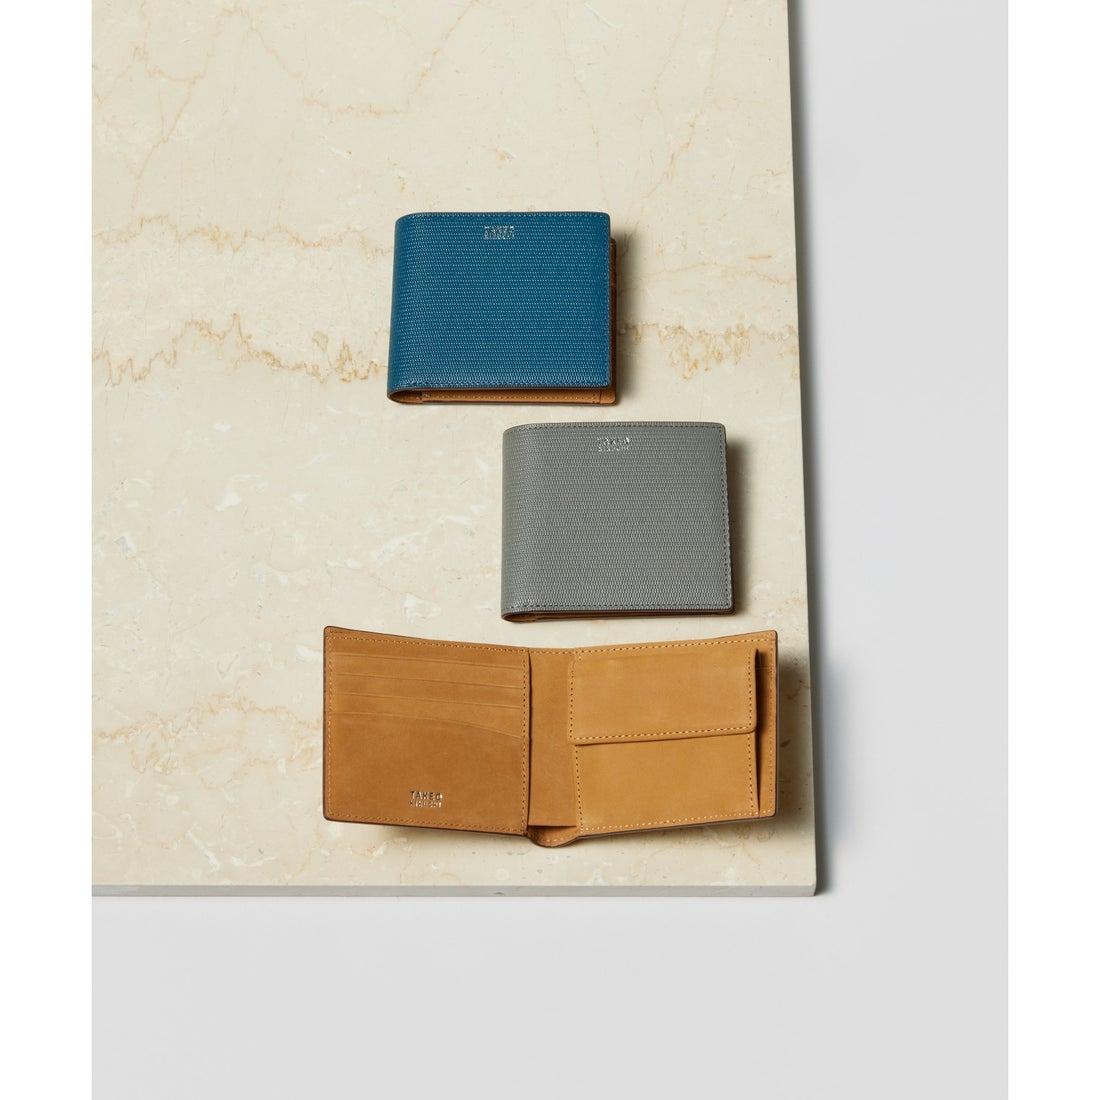 タケオ キクチ TAKEO KIKUCHI ミニメッシュ2つ折り財布 [ メンズ 財布 サイフ 定番 二つ折り ギフト プレゼント ] (ブルー)